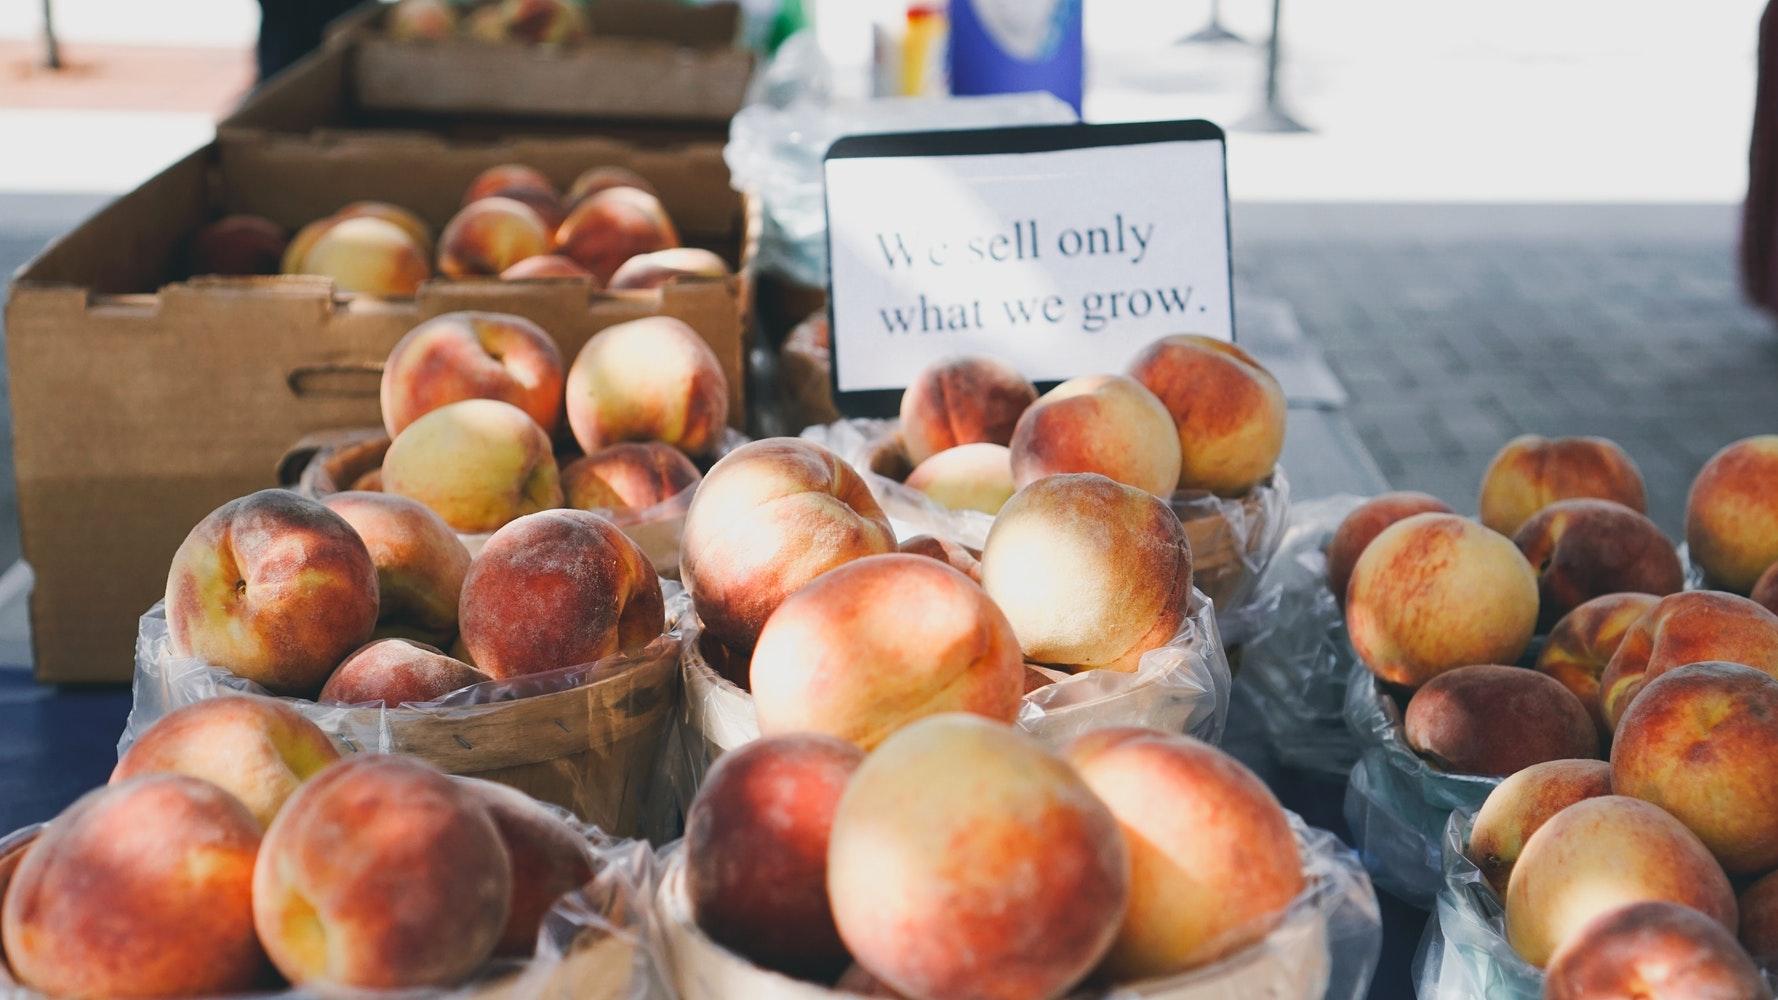 peaches2-makingitrealinc.jpg